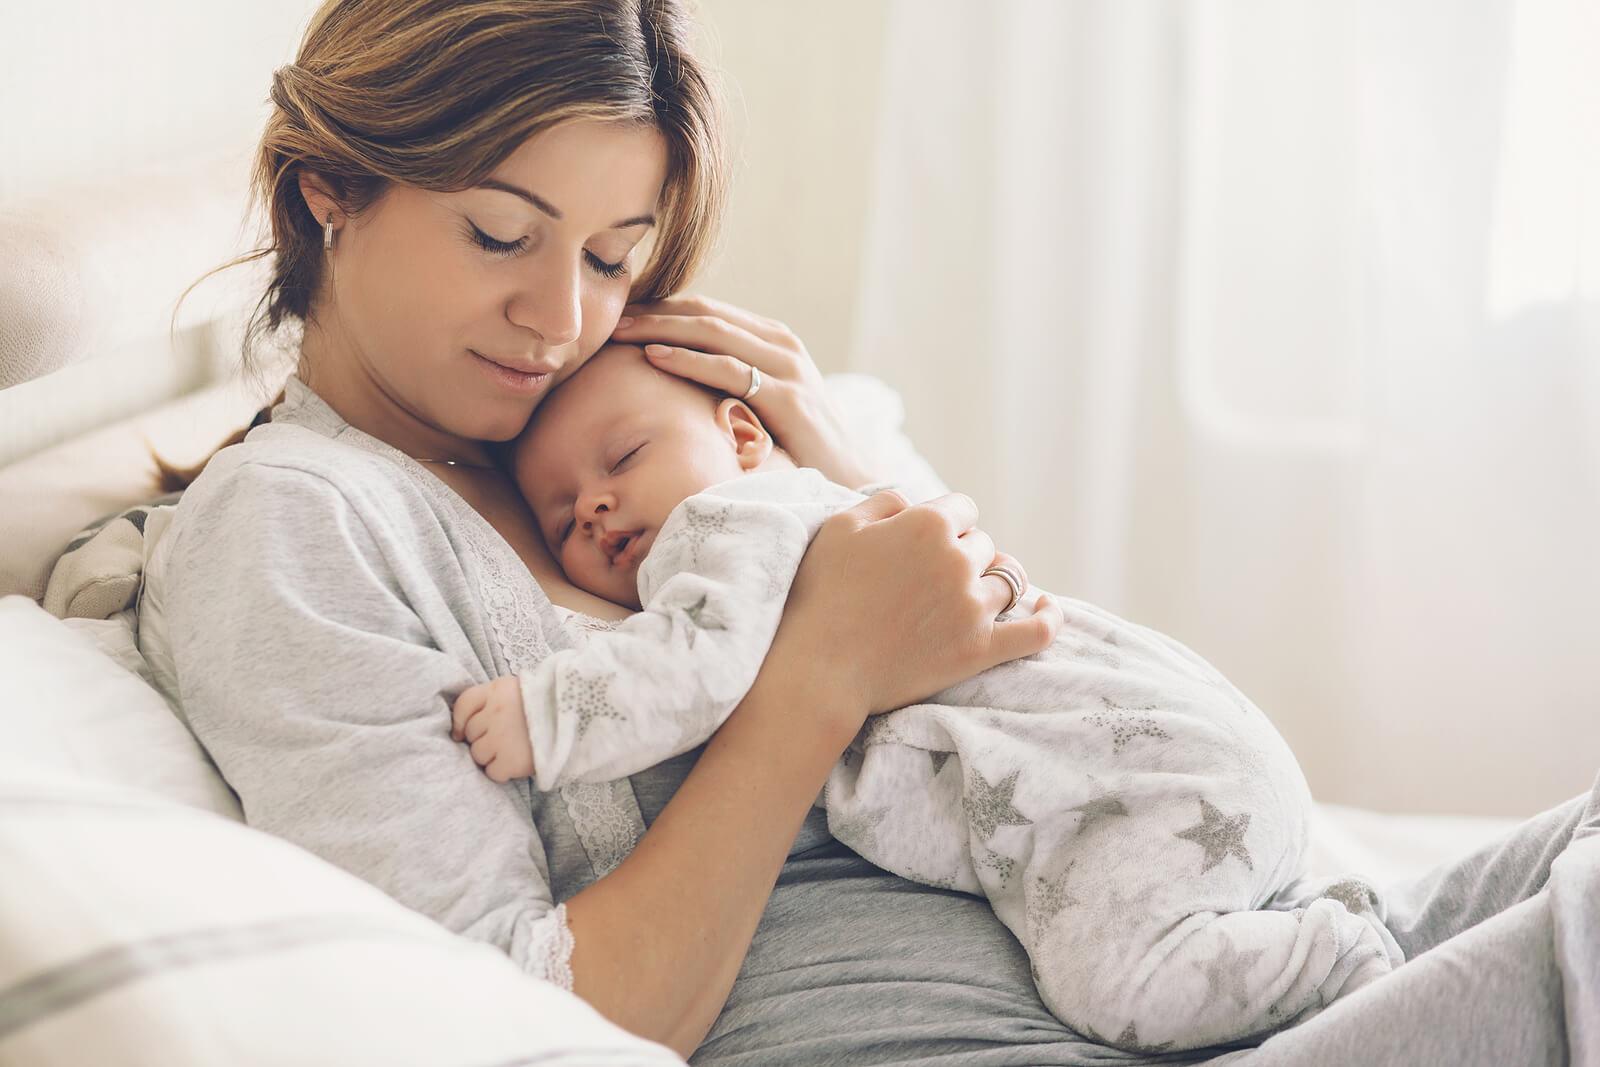 Madre abrazando a su bebé dormido en sus brazos.